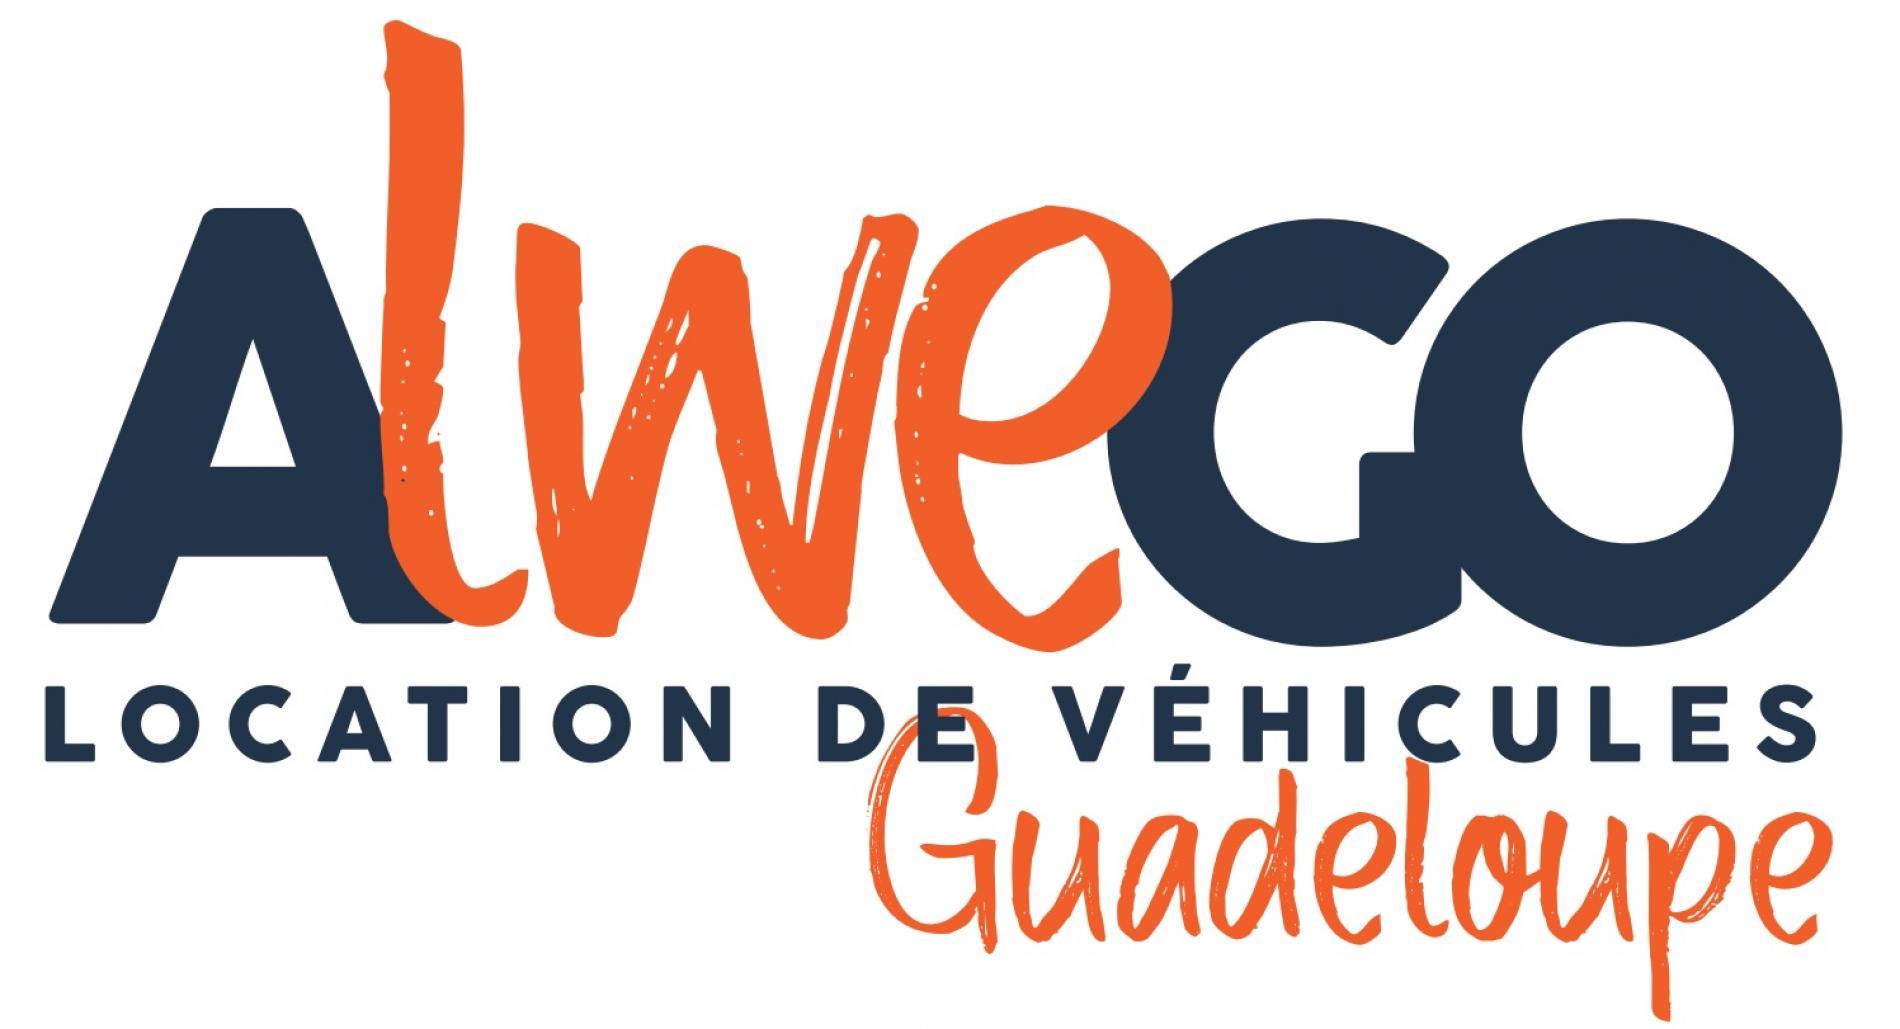 Alwego Guadeloupe